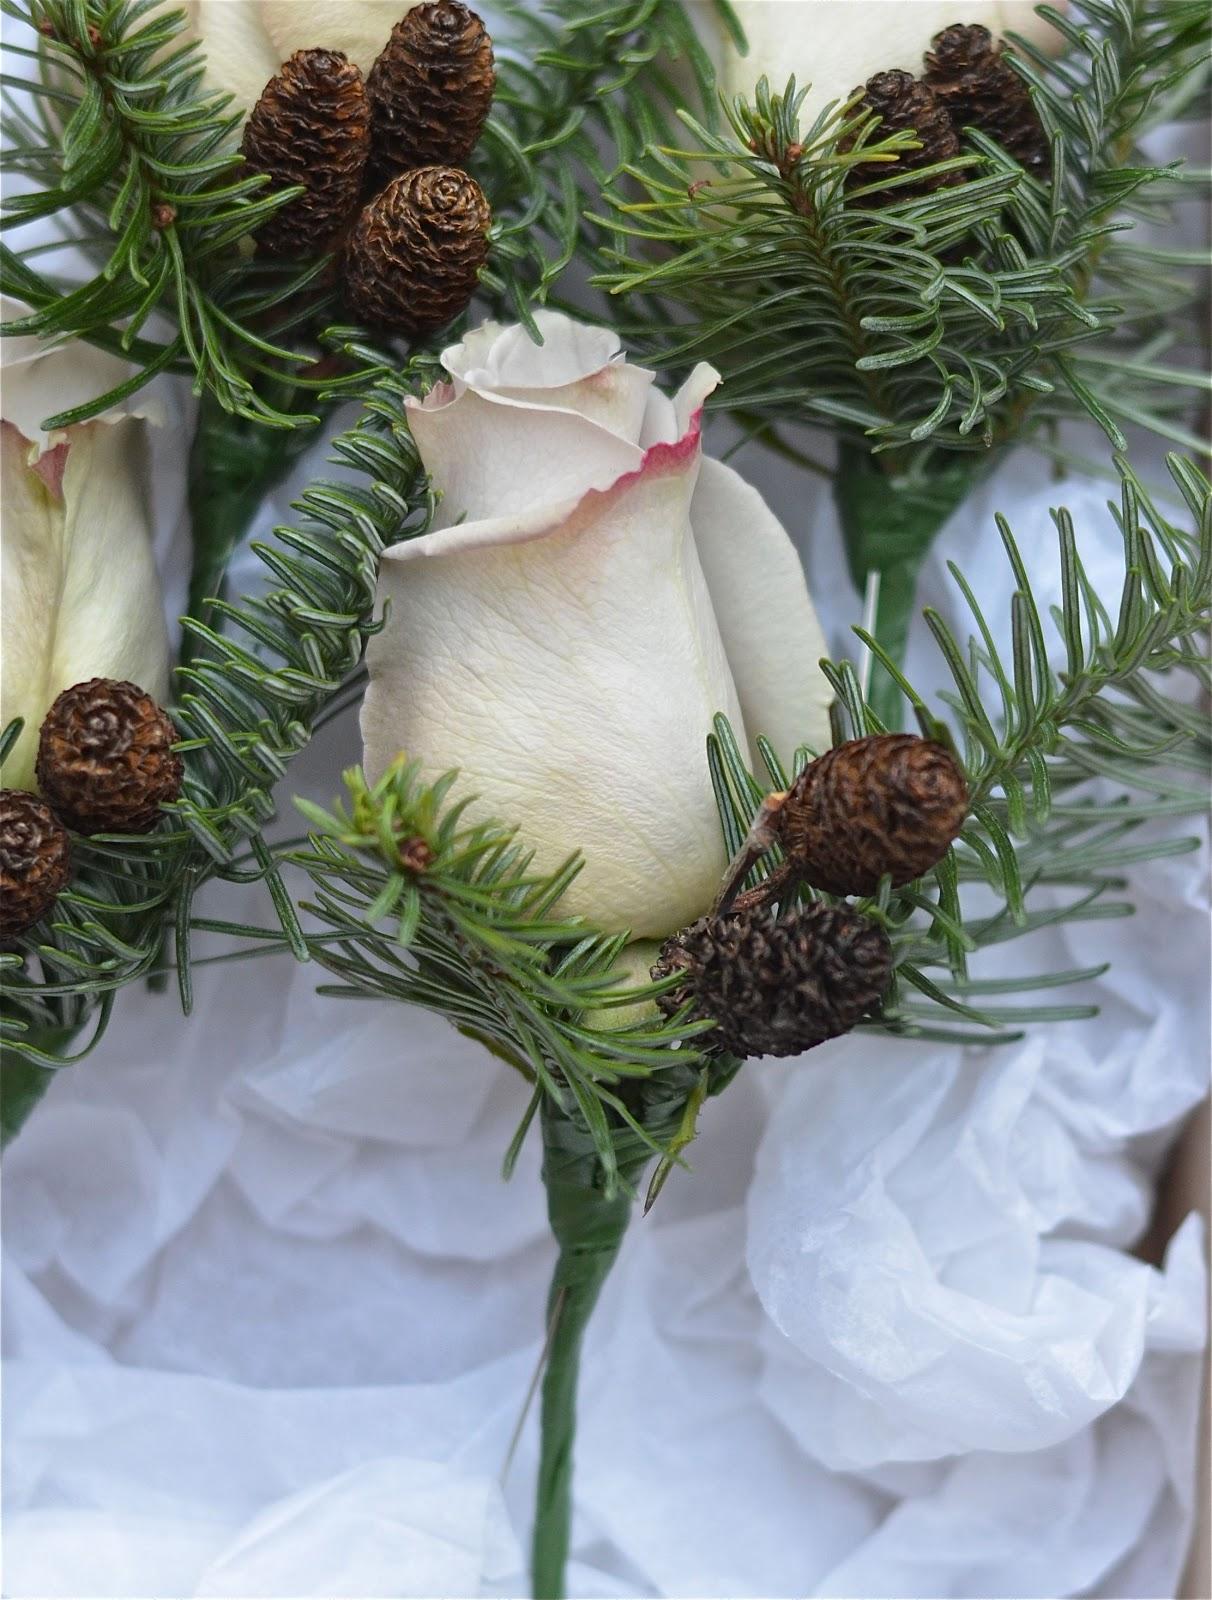 wedding flowers blog december 2012. Black Bedroom Furniture Sets. Home Design Ideas